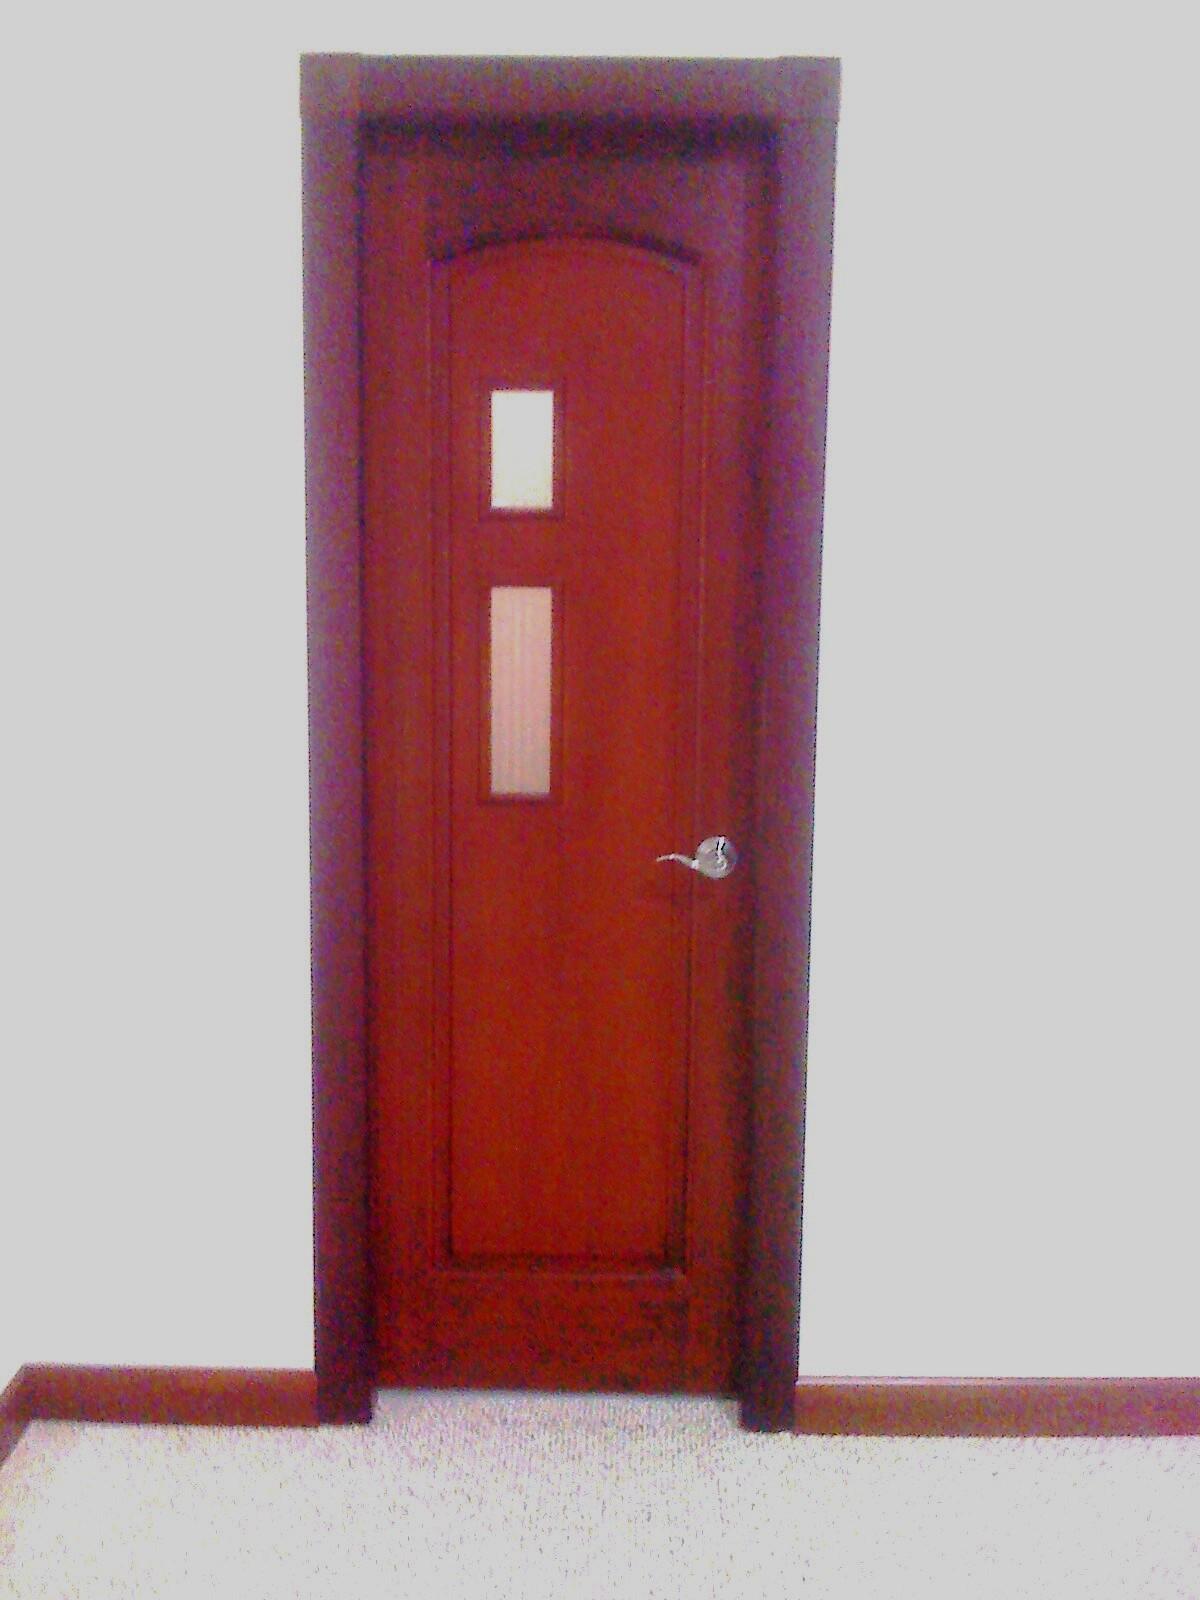 puertas para baos de vaporpuerta para baos de casas modernas confeccin en madera de laurel puertas para baos de vapor